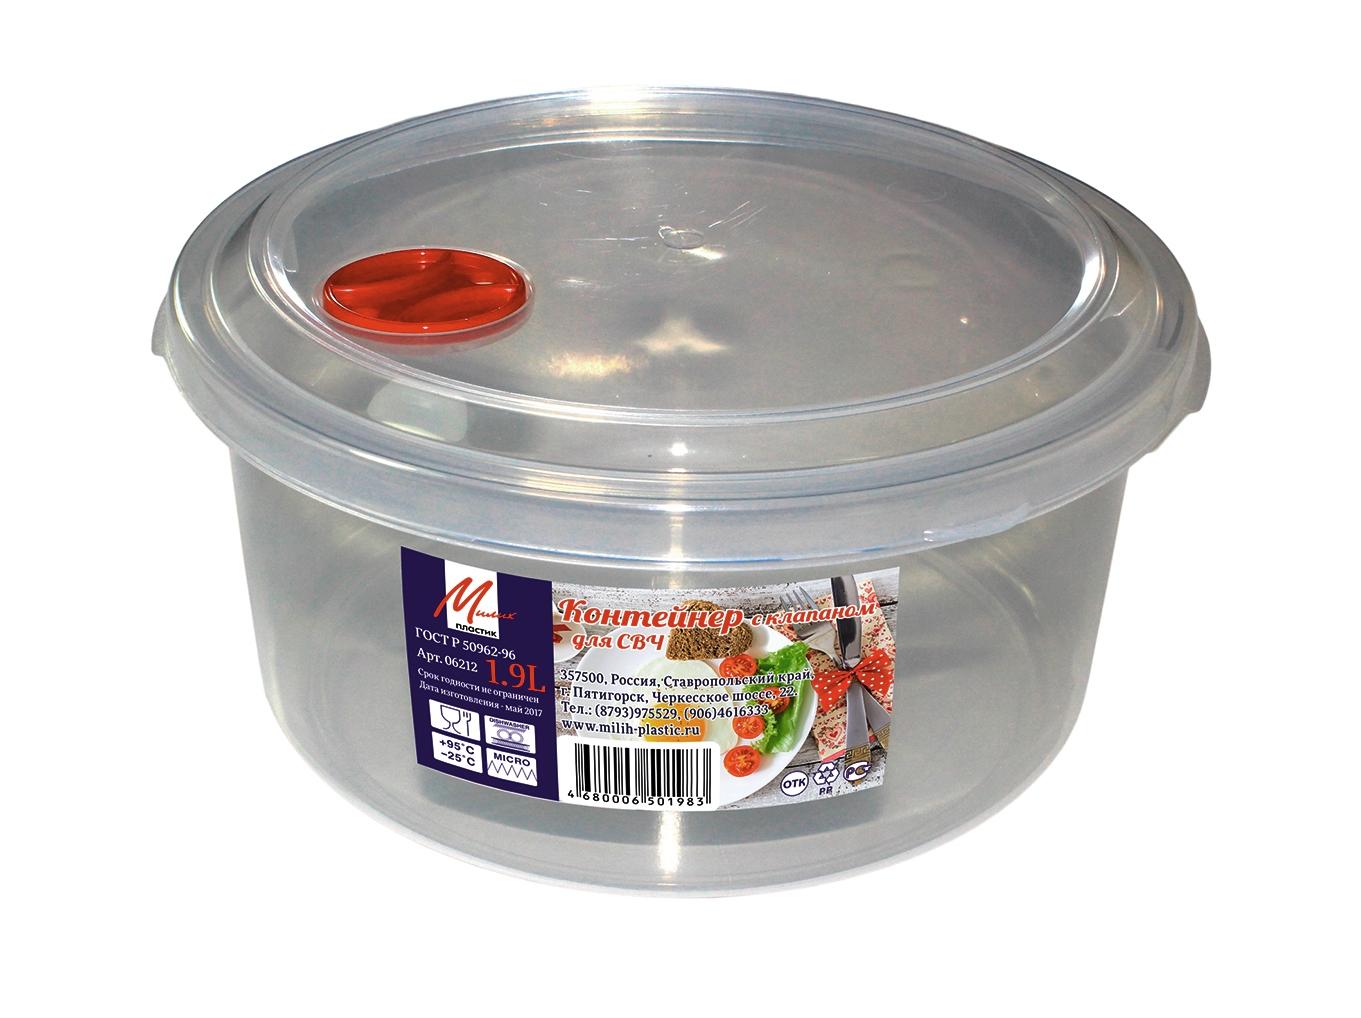 Контейнер для пищевых продуктов с клапаном для СВЧ 1,9л.